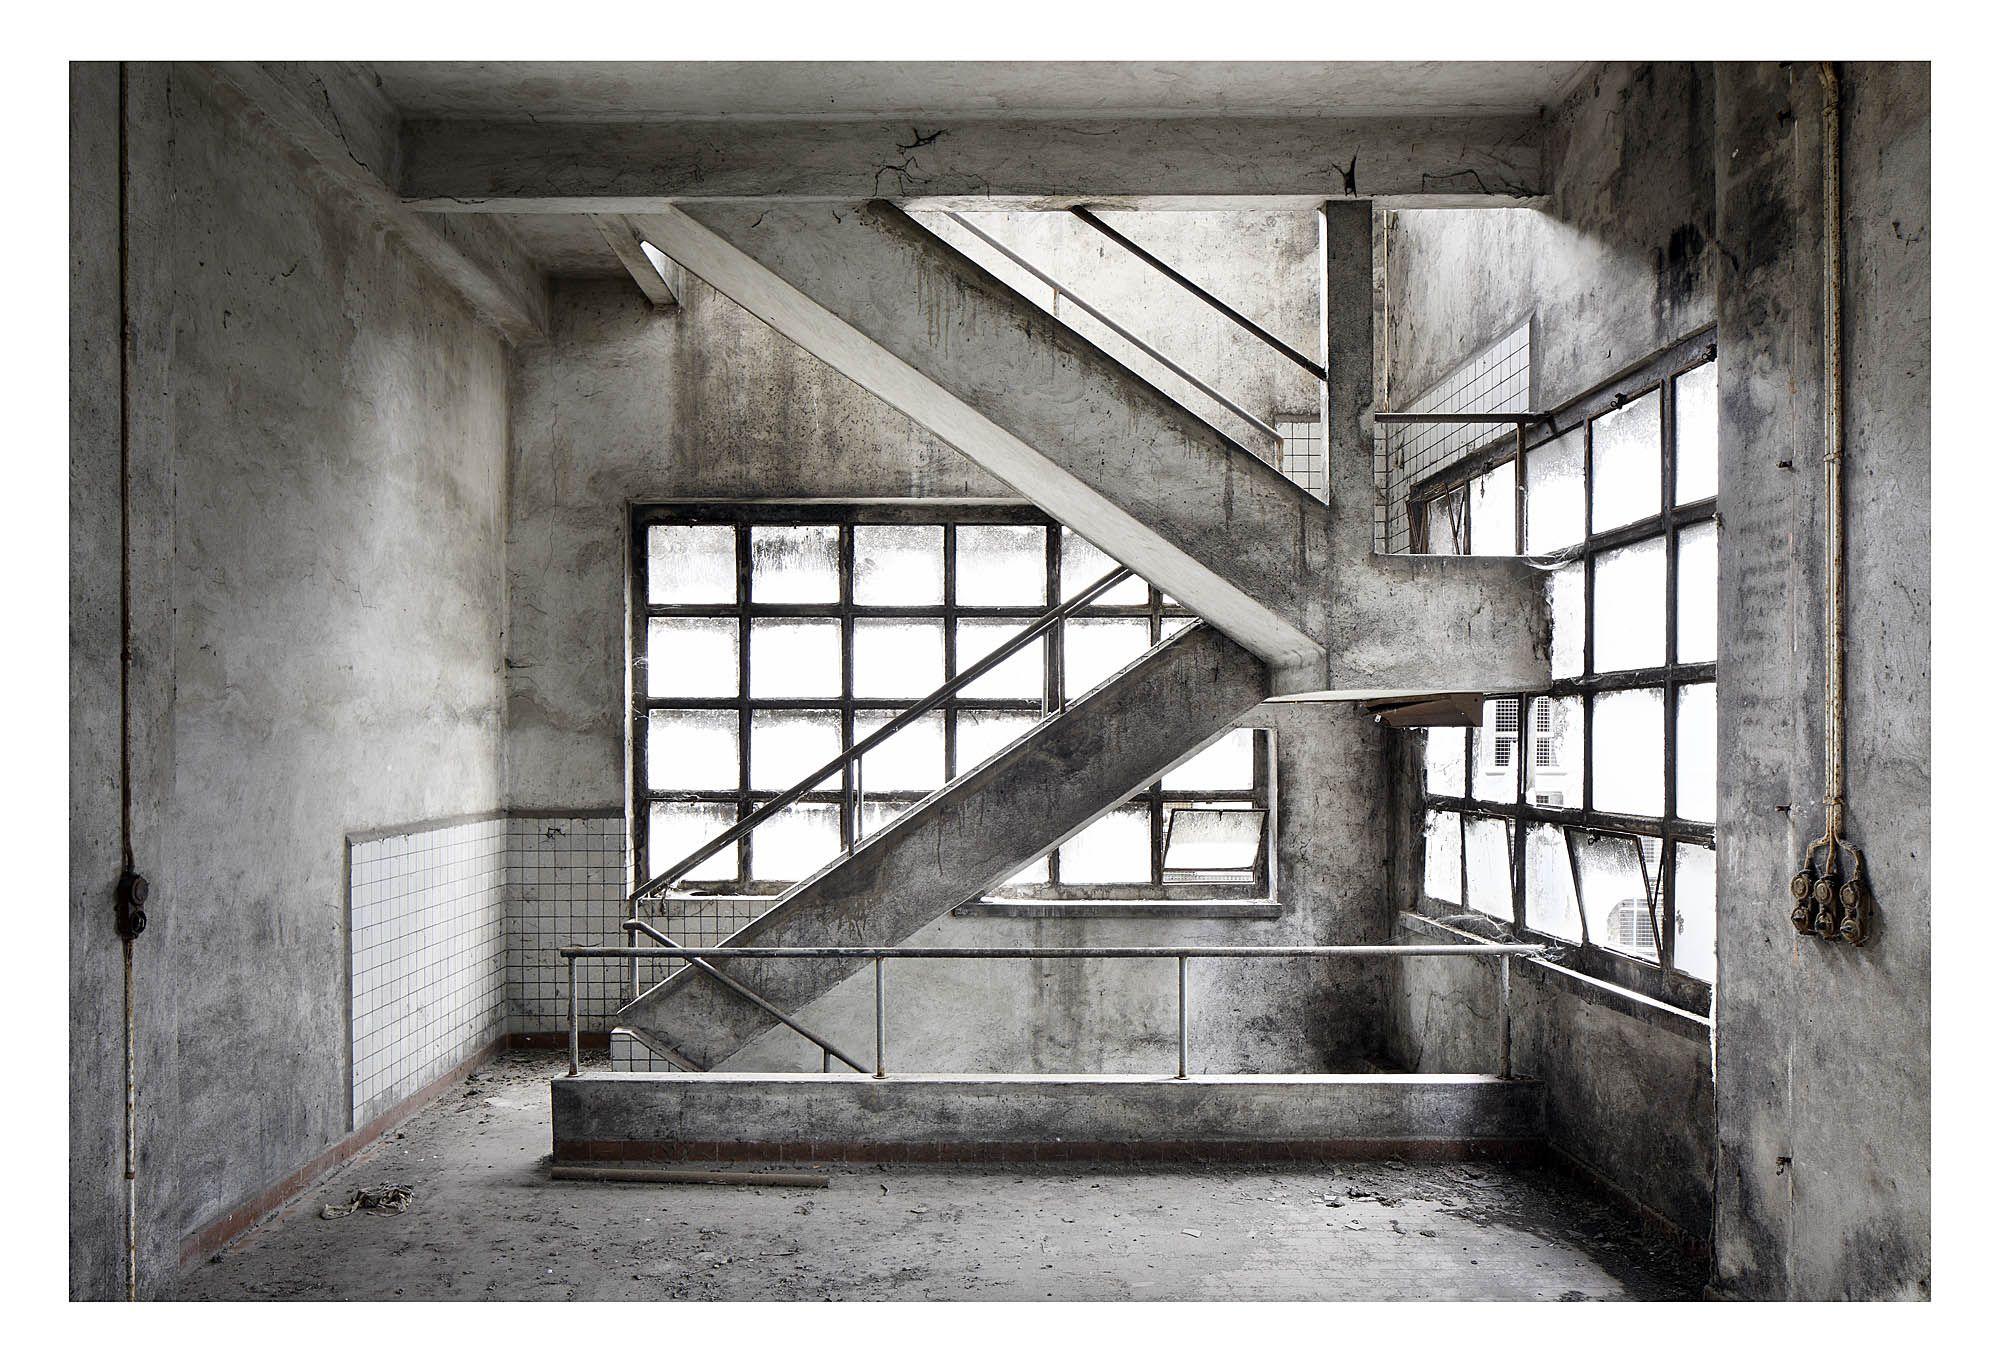 Les Plus Beaux Lieux Abandonnes En Italie Factory With Great